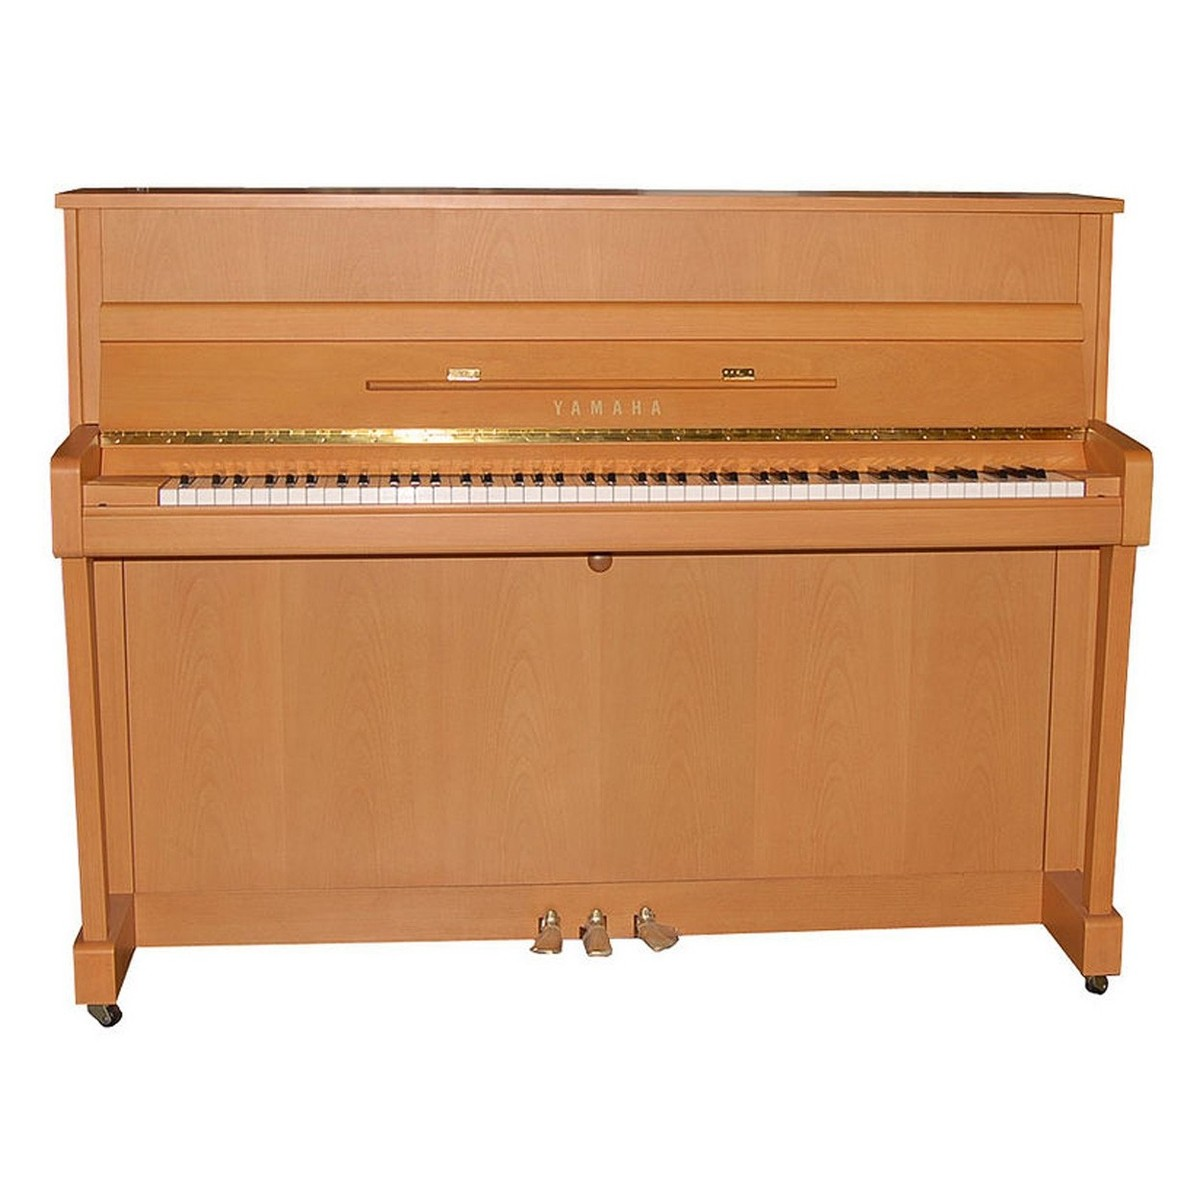 Yamaha b1 upright acoustic piano natural beech satin at for Yamaha acoustic pianos